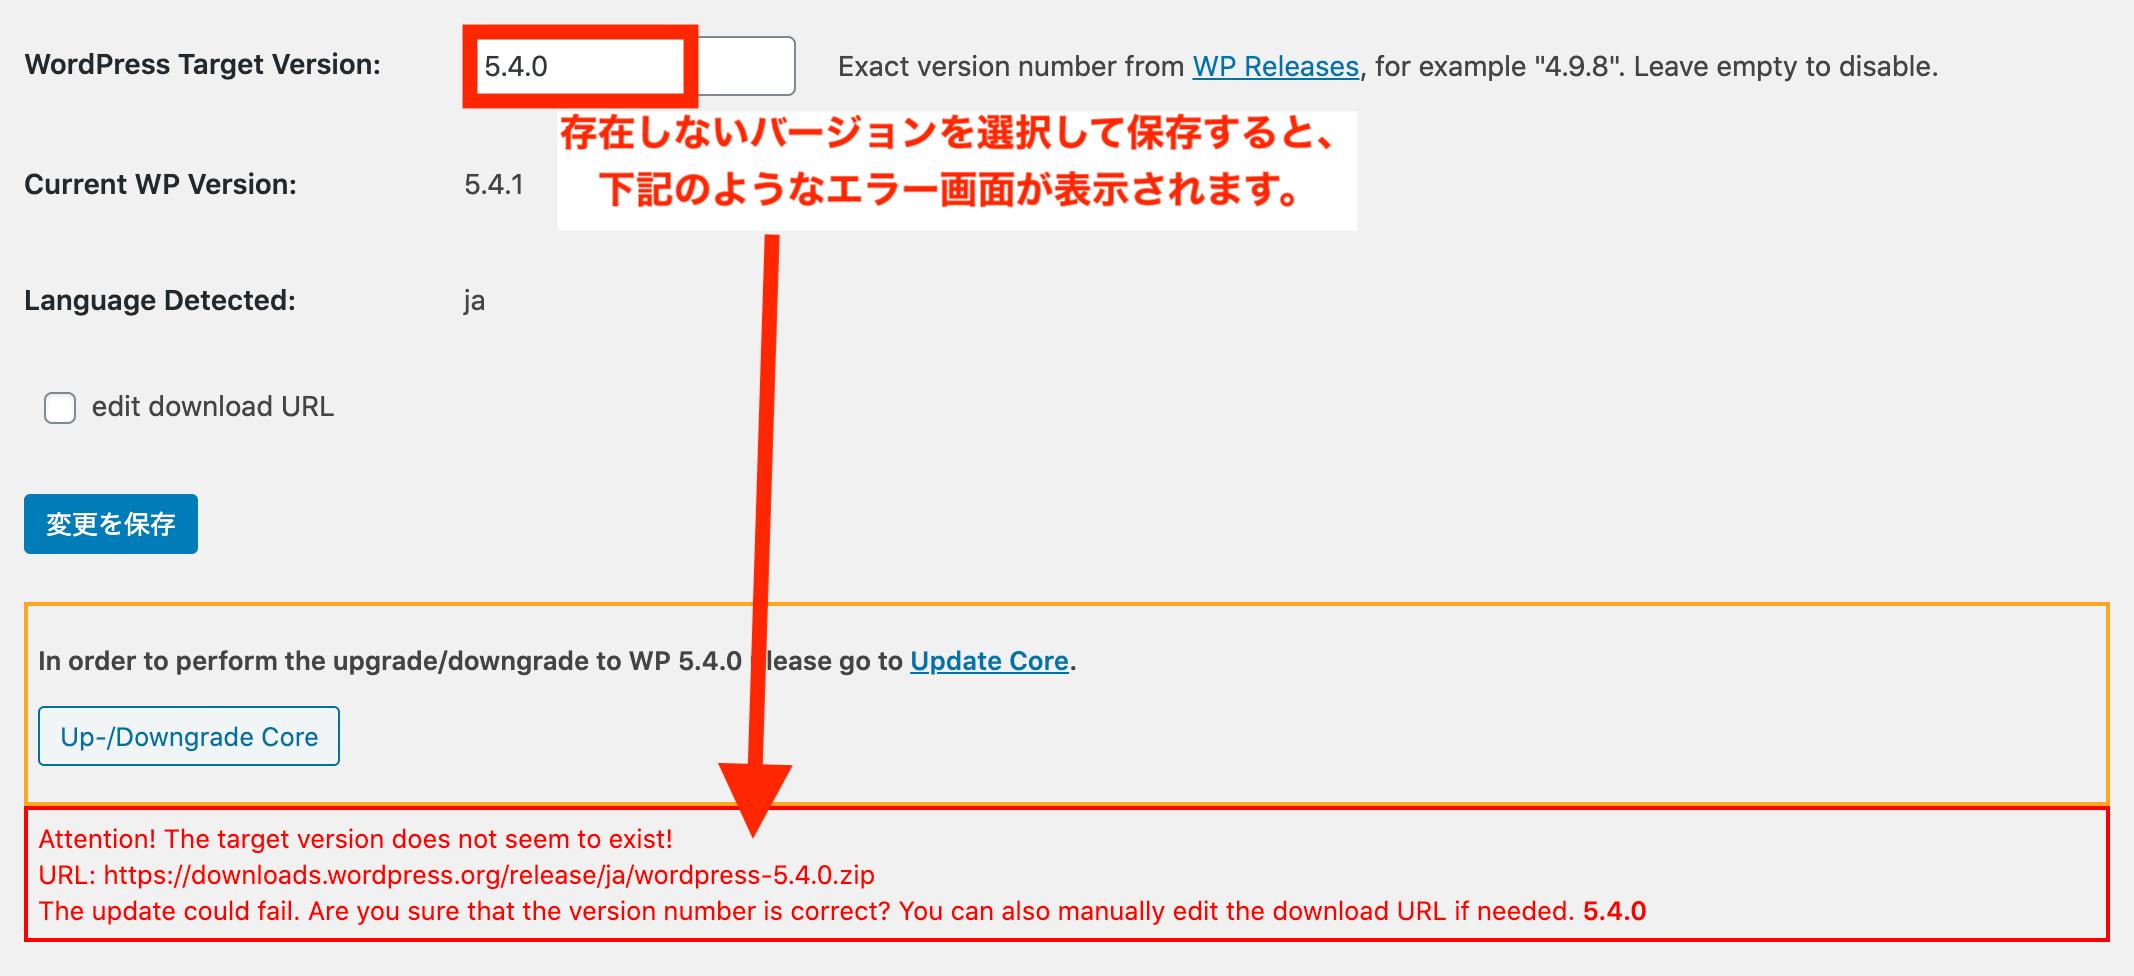 存在しないバージョンを入力するとページ下部にエラ〜メッセージが表示されます